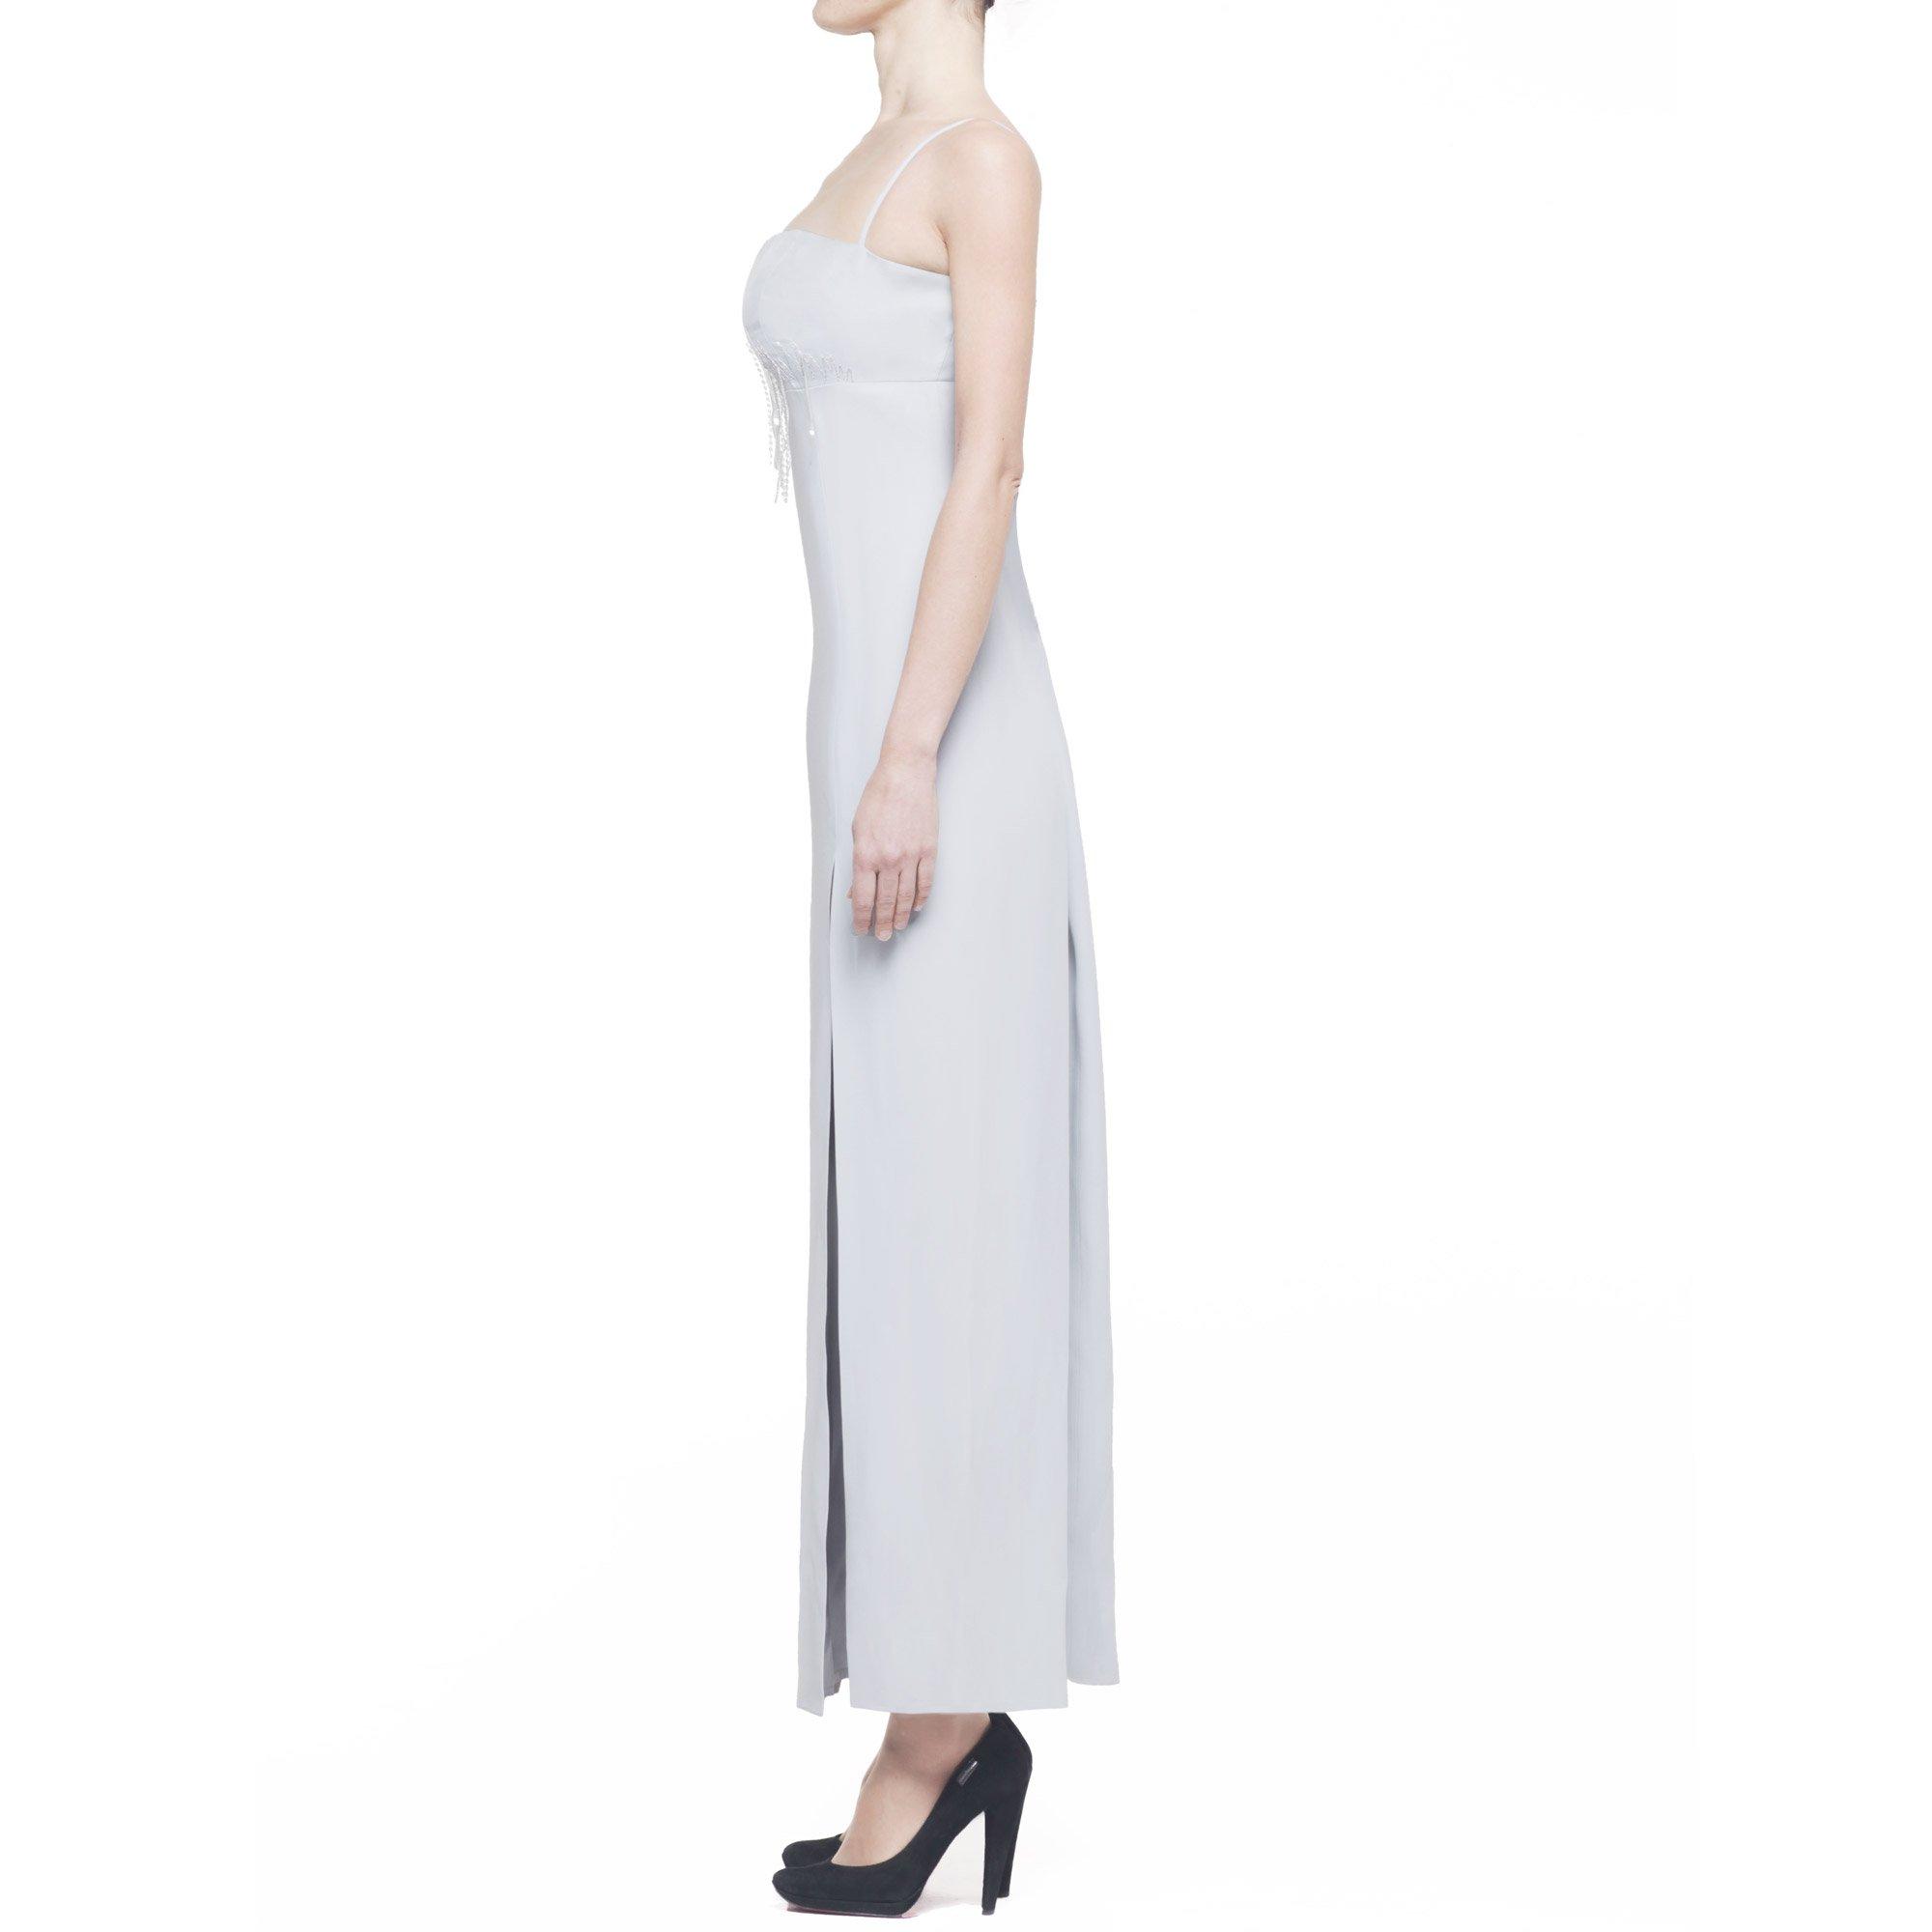 Gianfranco Ferrè Studio abito donna lungo con spacco, paillettes e strass, grigio chiaro, IT 44